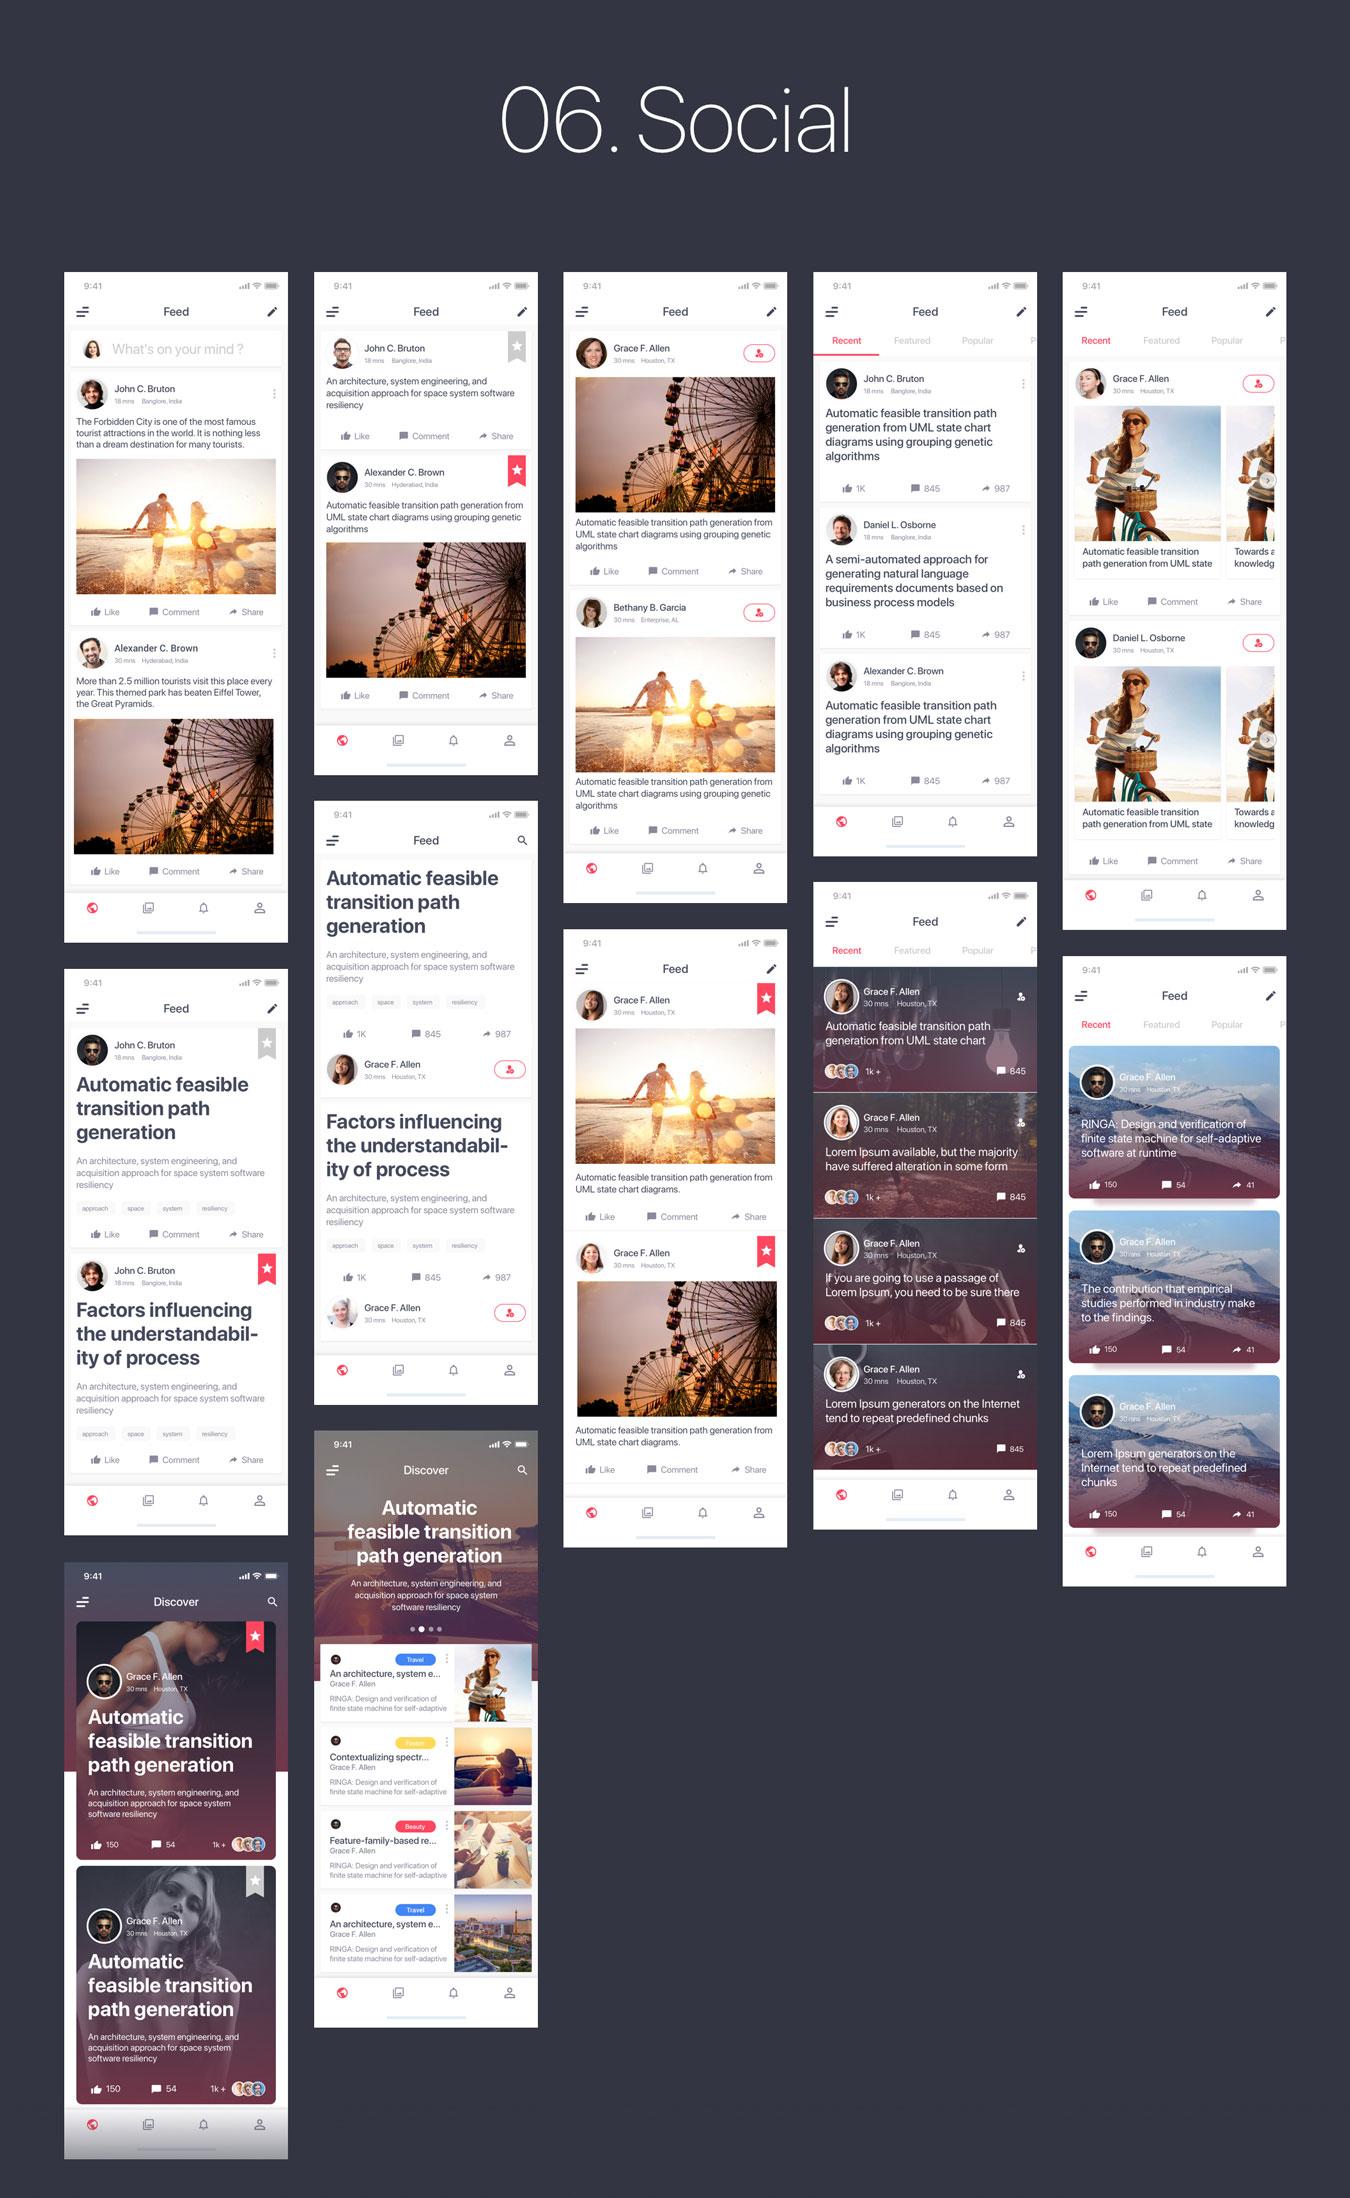 多功能旅行社交直播商城iOS APP UI工具包 MultiPurpose iOS UI Kit插图(13)